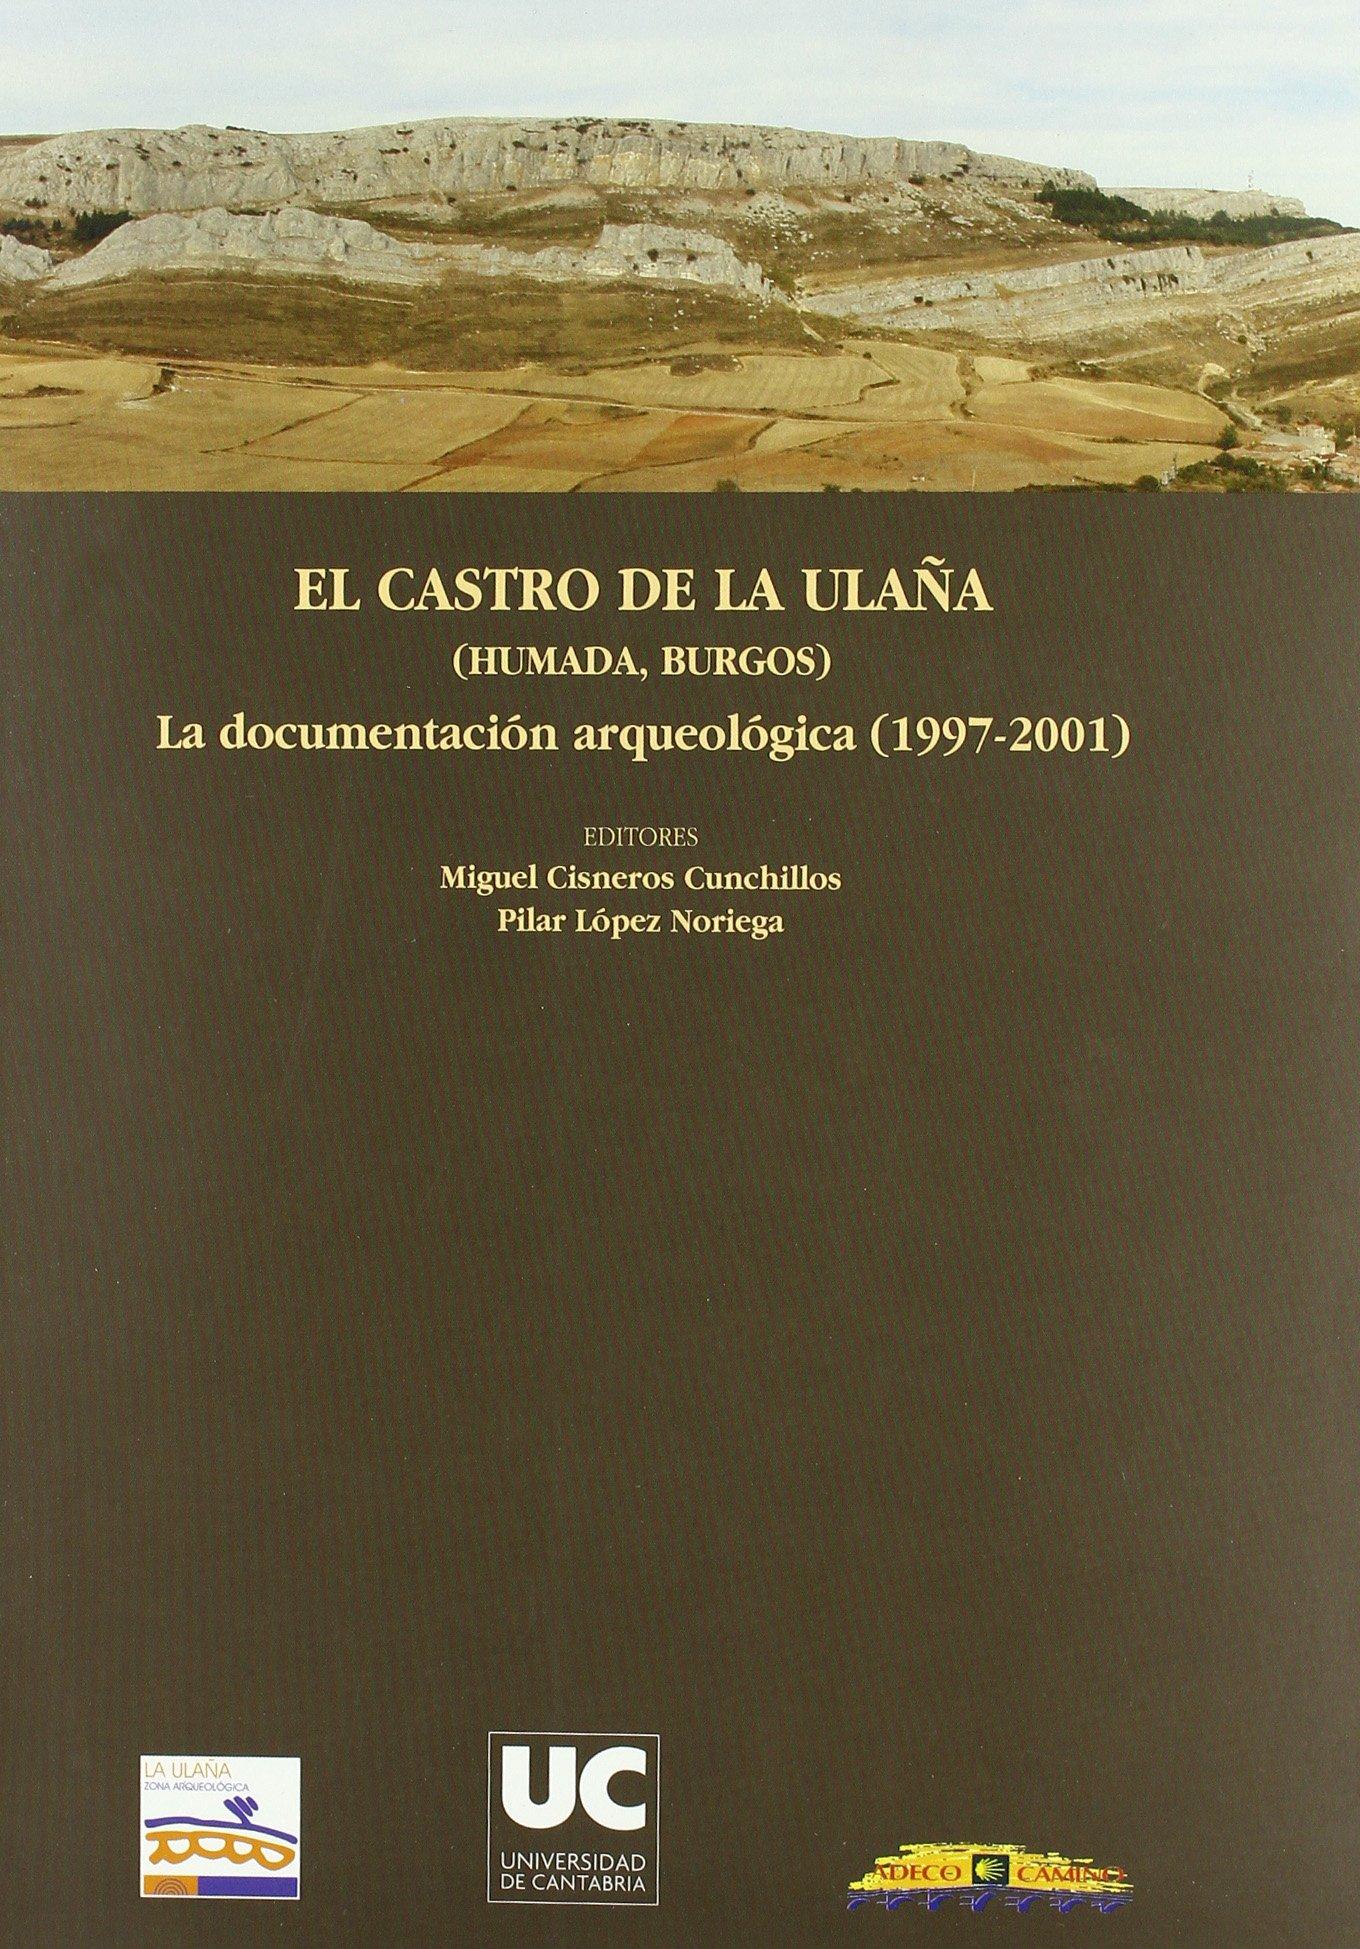 El castro de La Ulaña (Humada, Burgos): La documentación arqueológica (1997-2001) (Historia) Tapa blanda – 12 ene 2006 Pilar López Noriega Miguel Cisneros Cunchillos 8481029661 Prehistory